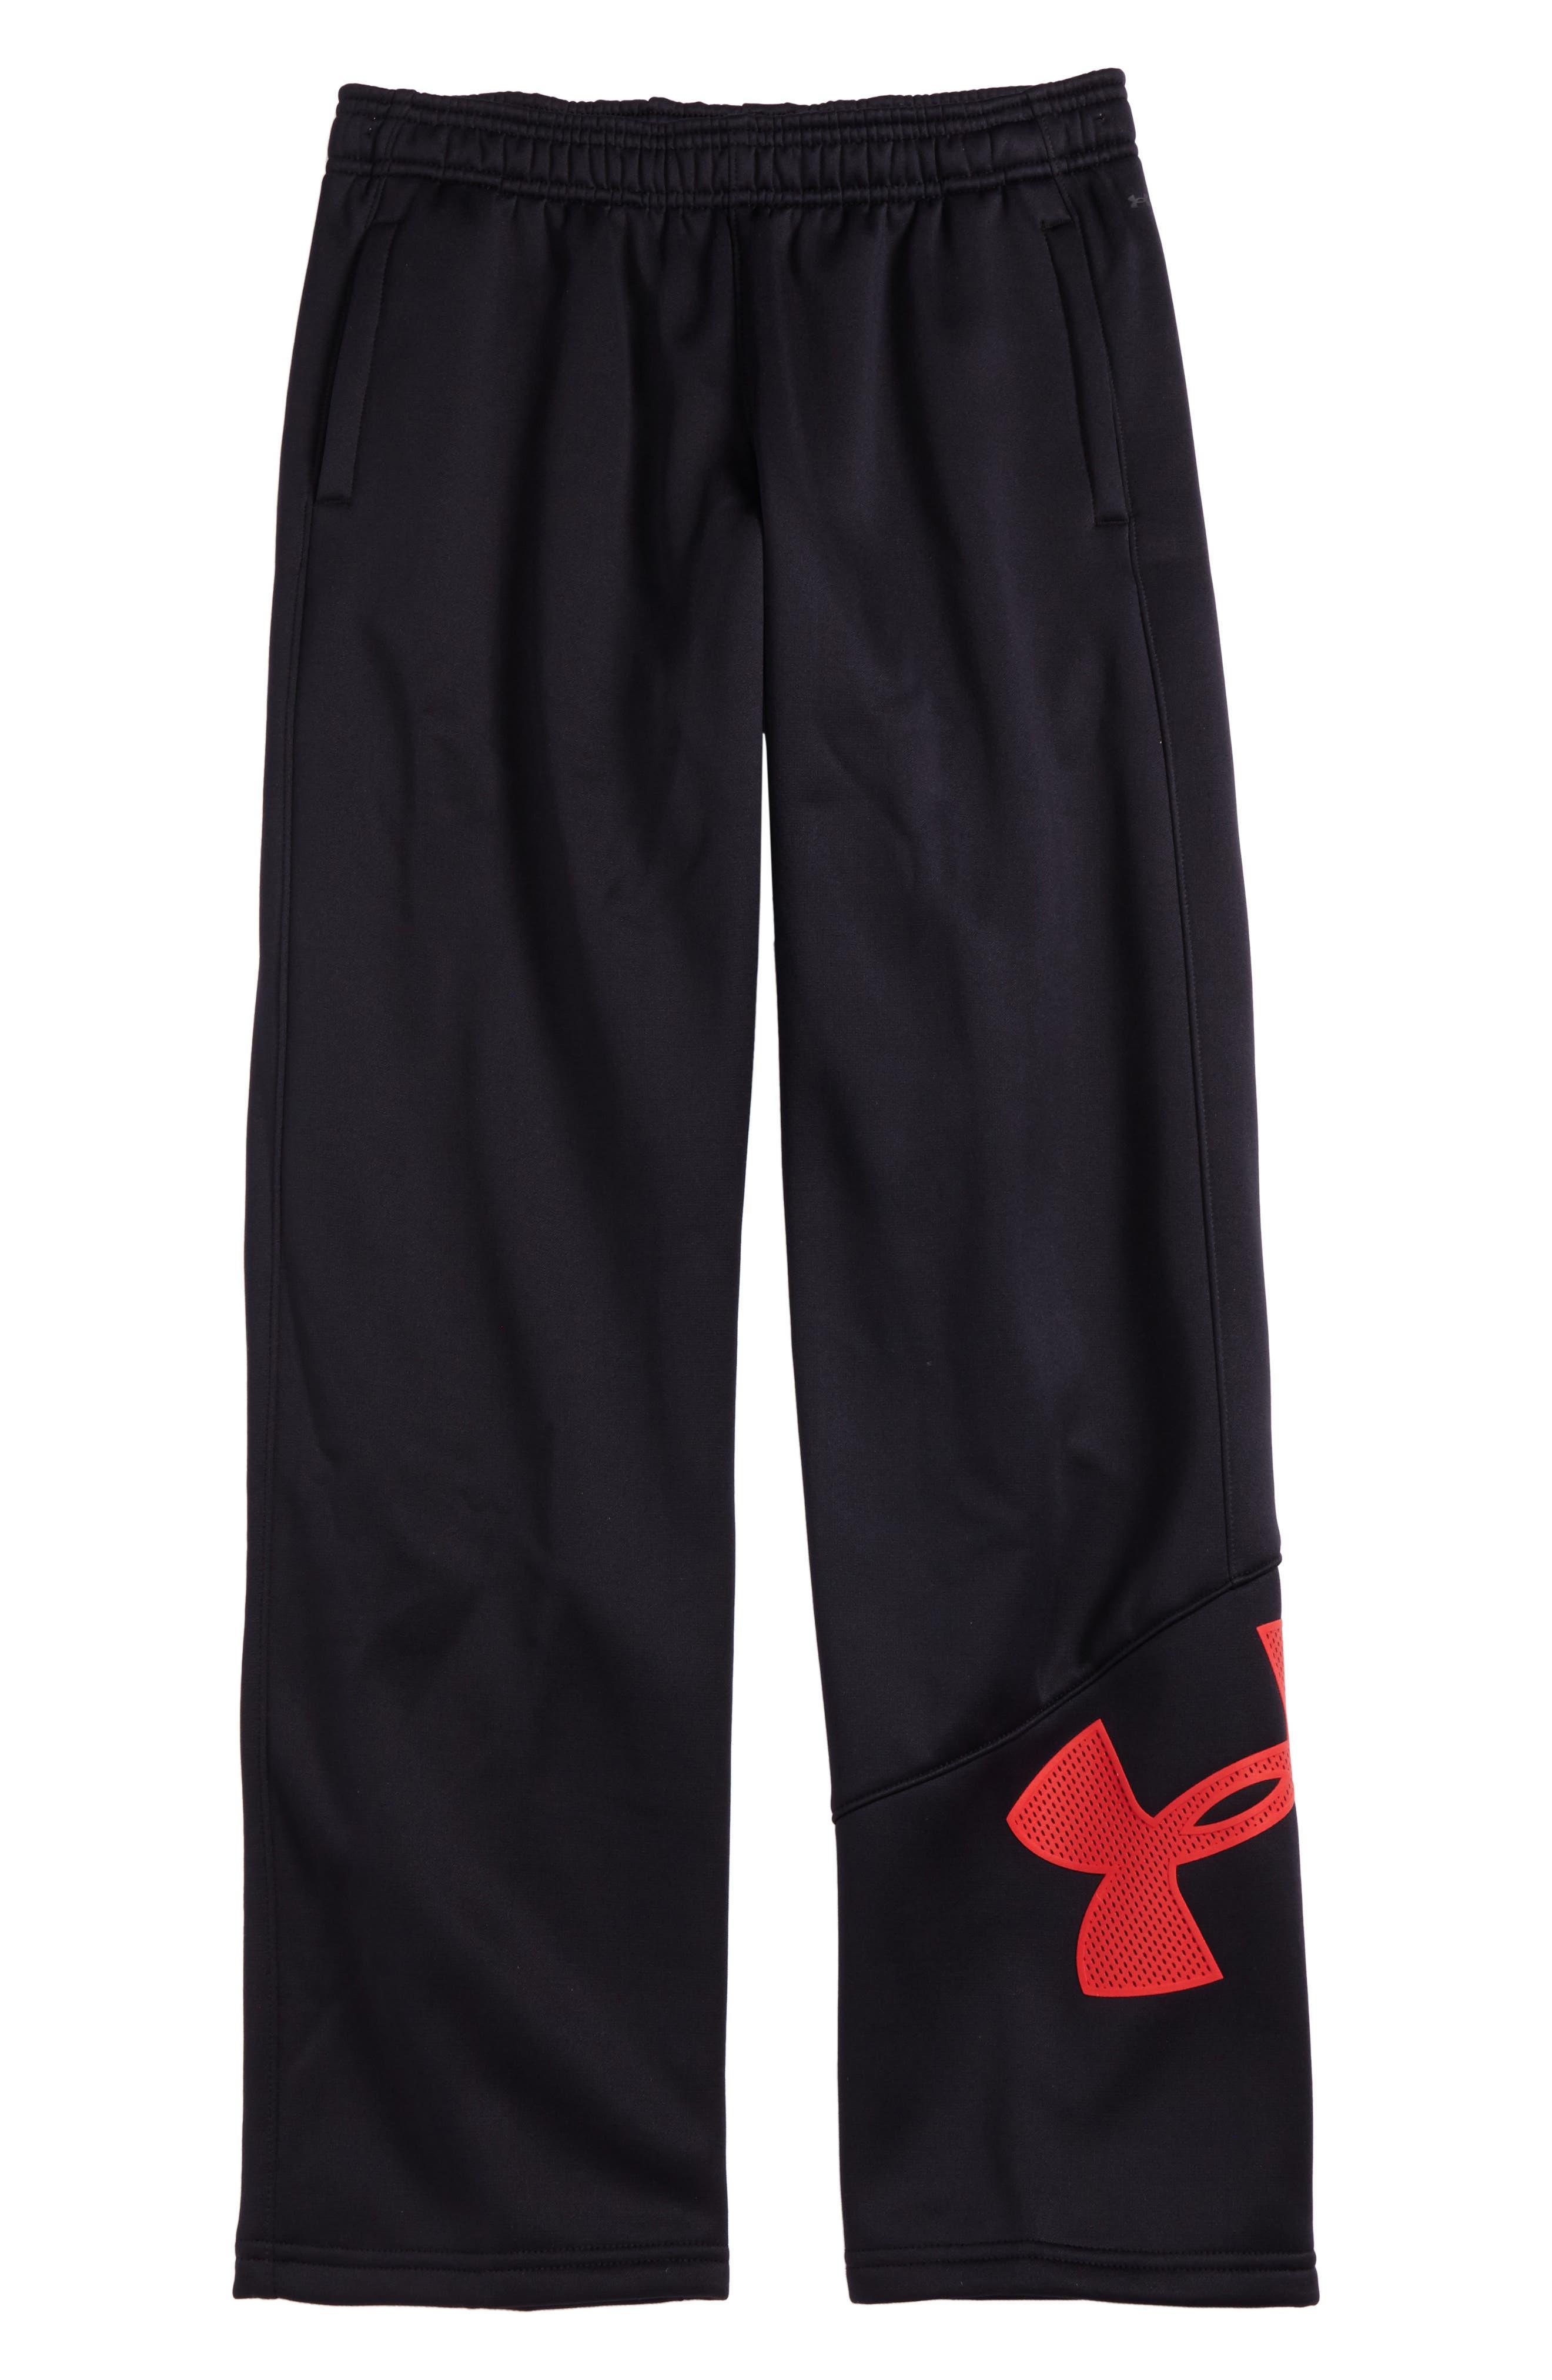 Storm ColdGear<sup>®</sup> Pants,                         Main,                         color, 002